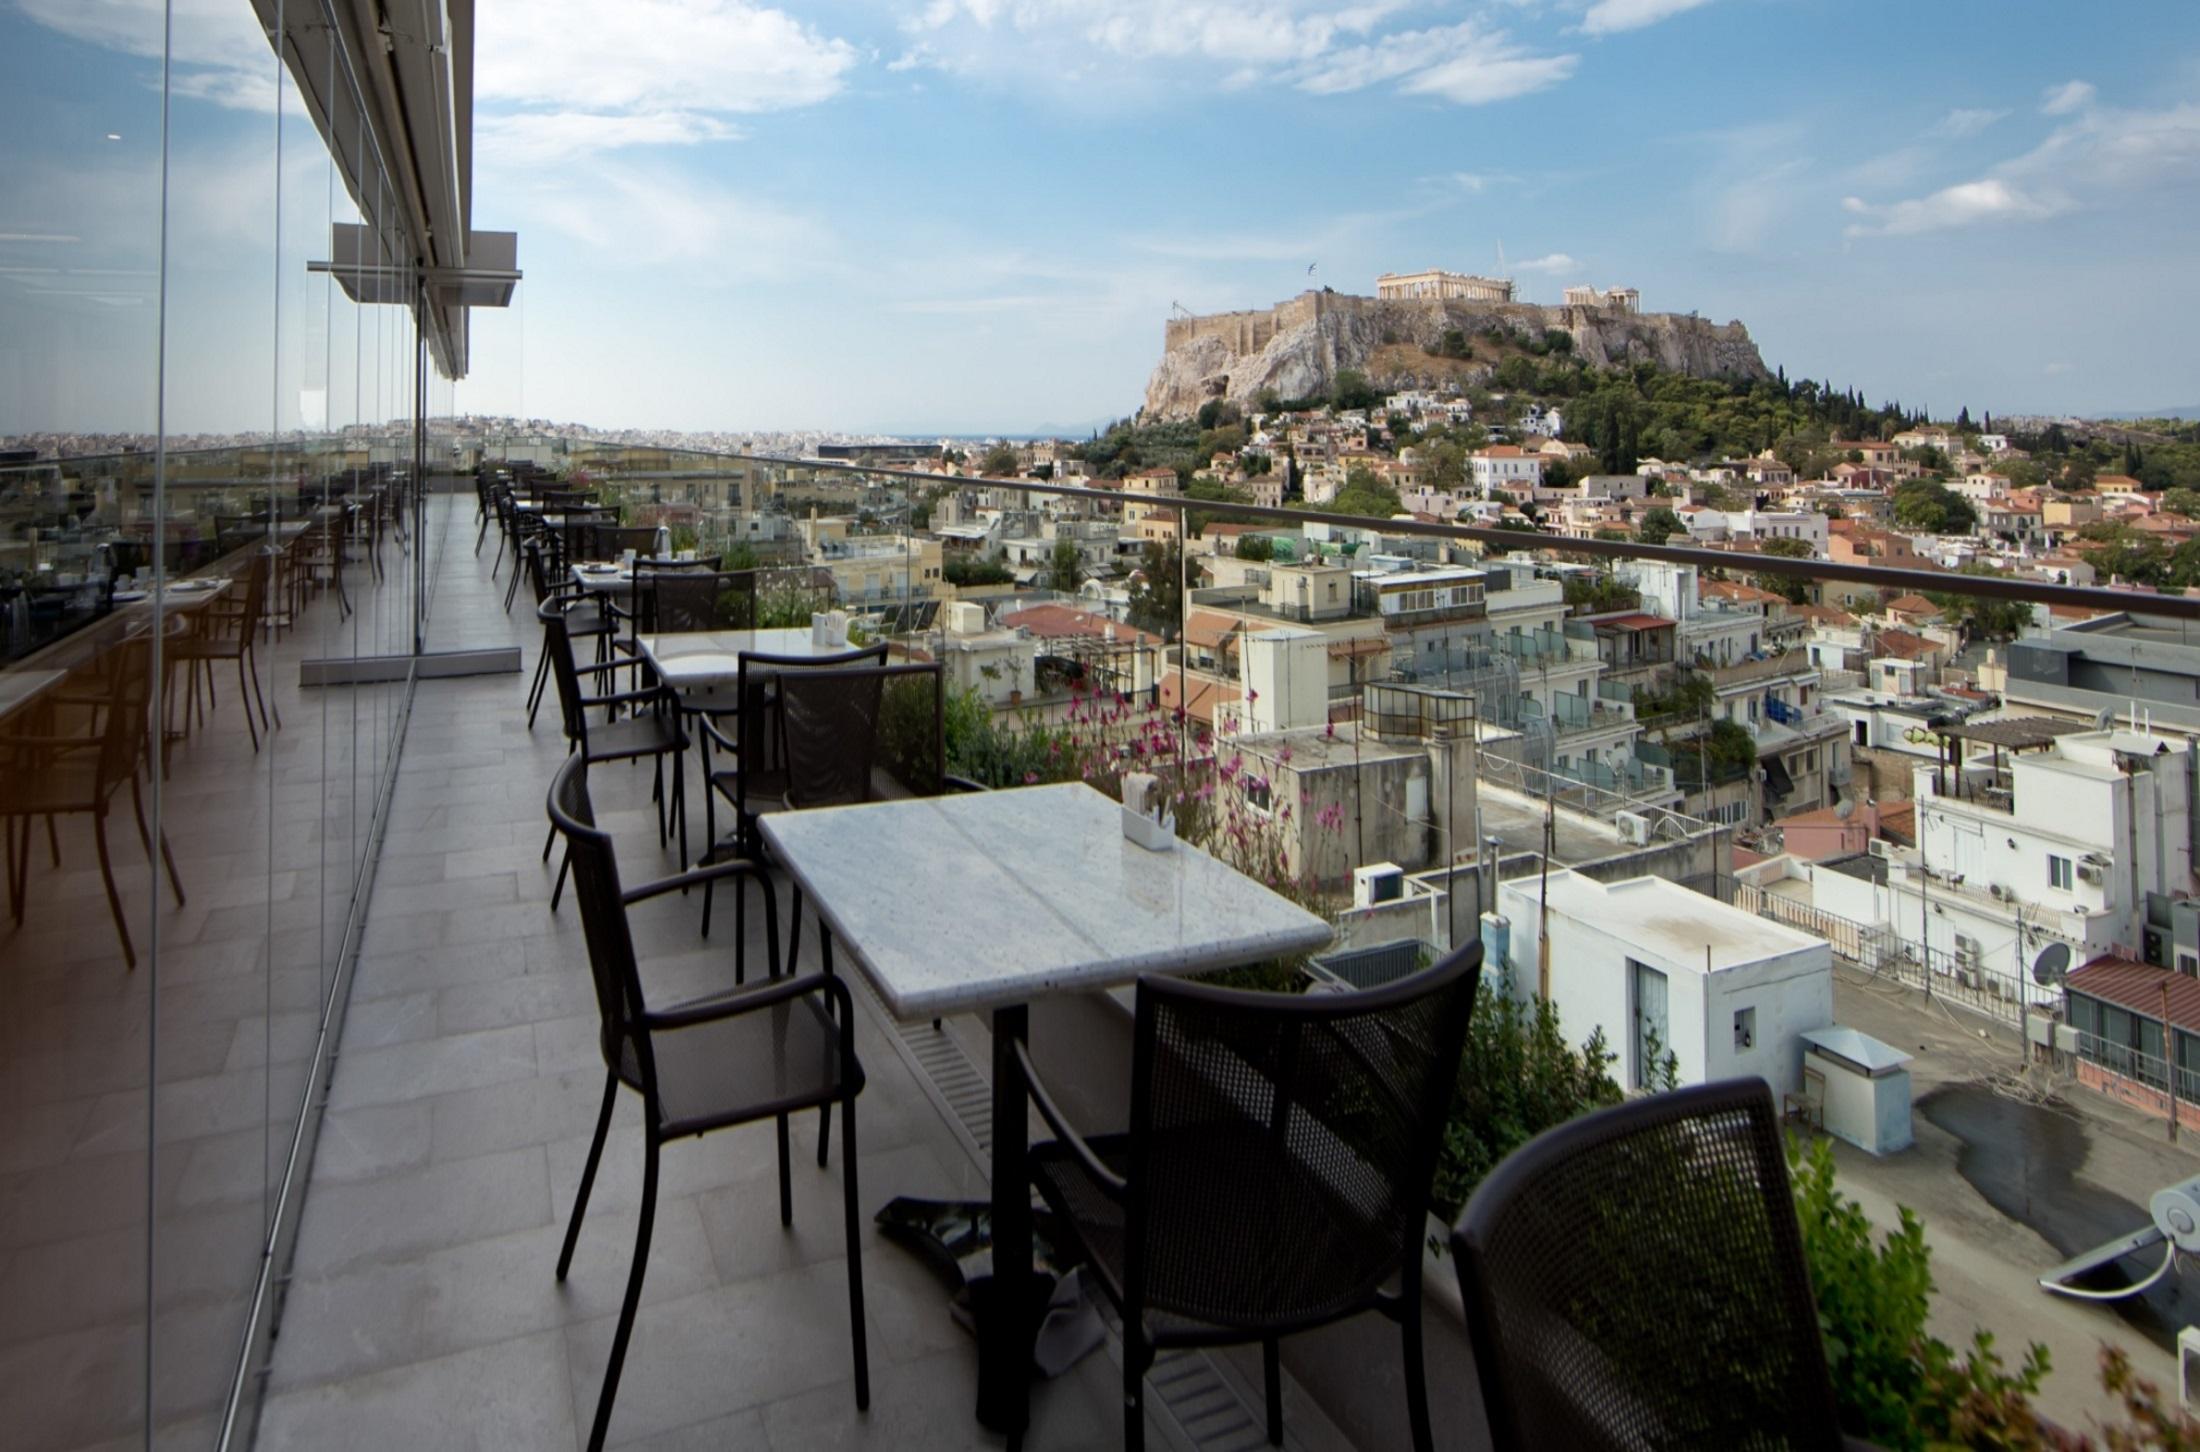 Κορονοϊός: Αυτά είναι τα ξενοδοχεία που θα παραμείνουν ανοιχτά